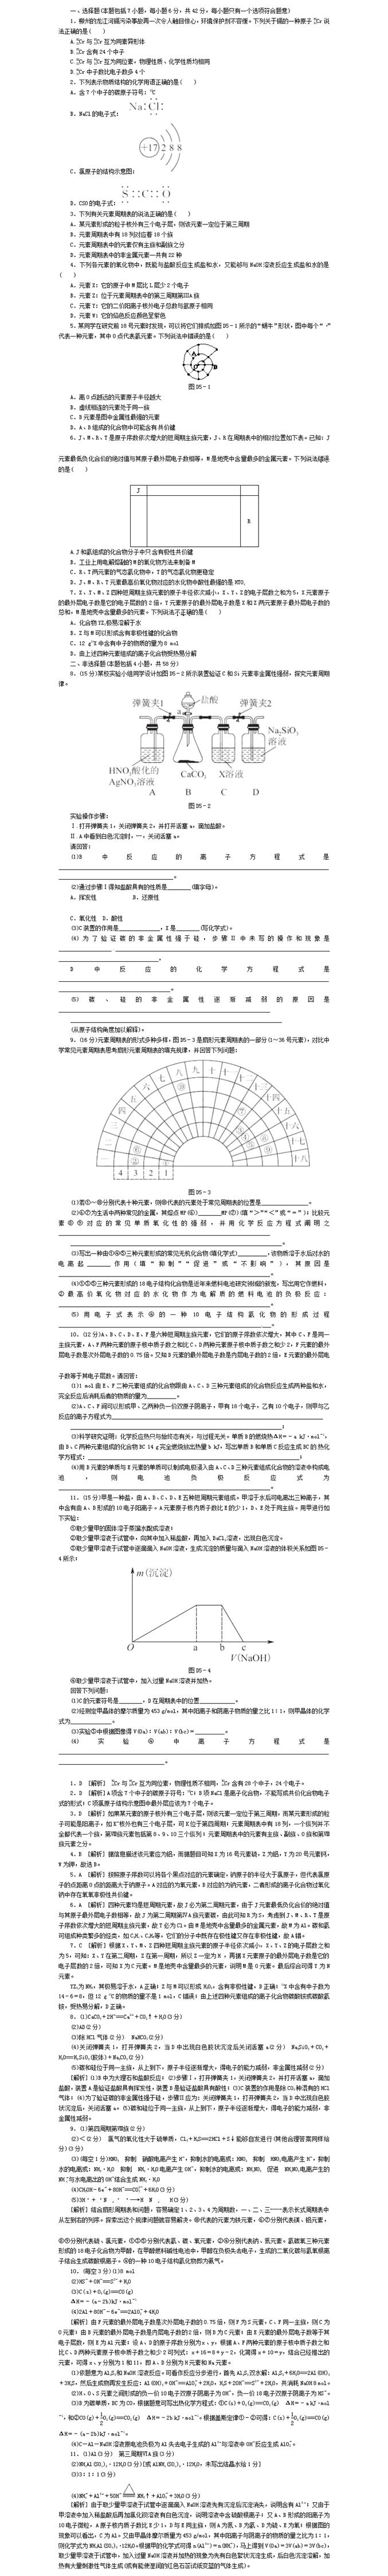 2019年高考化学基础提升试题及答案(6)